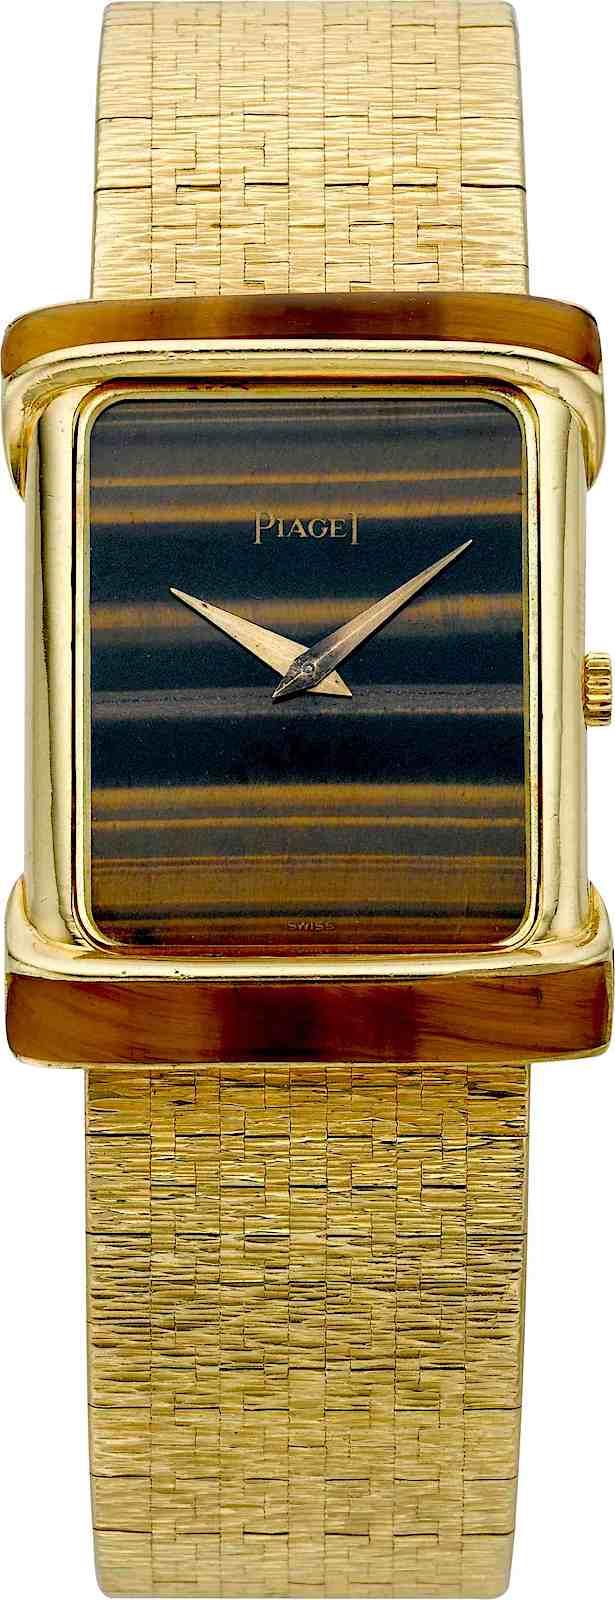 a 1980 Piaget watch, color photograph